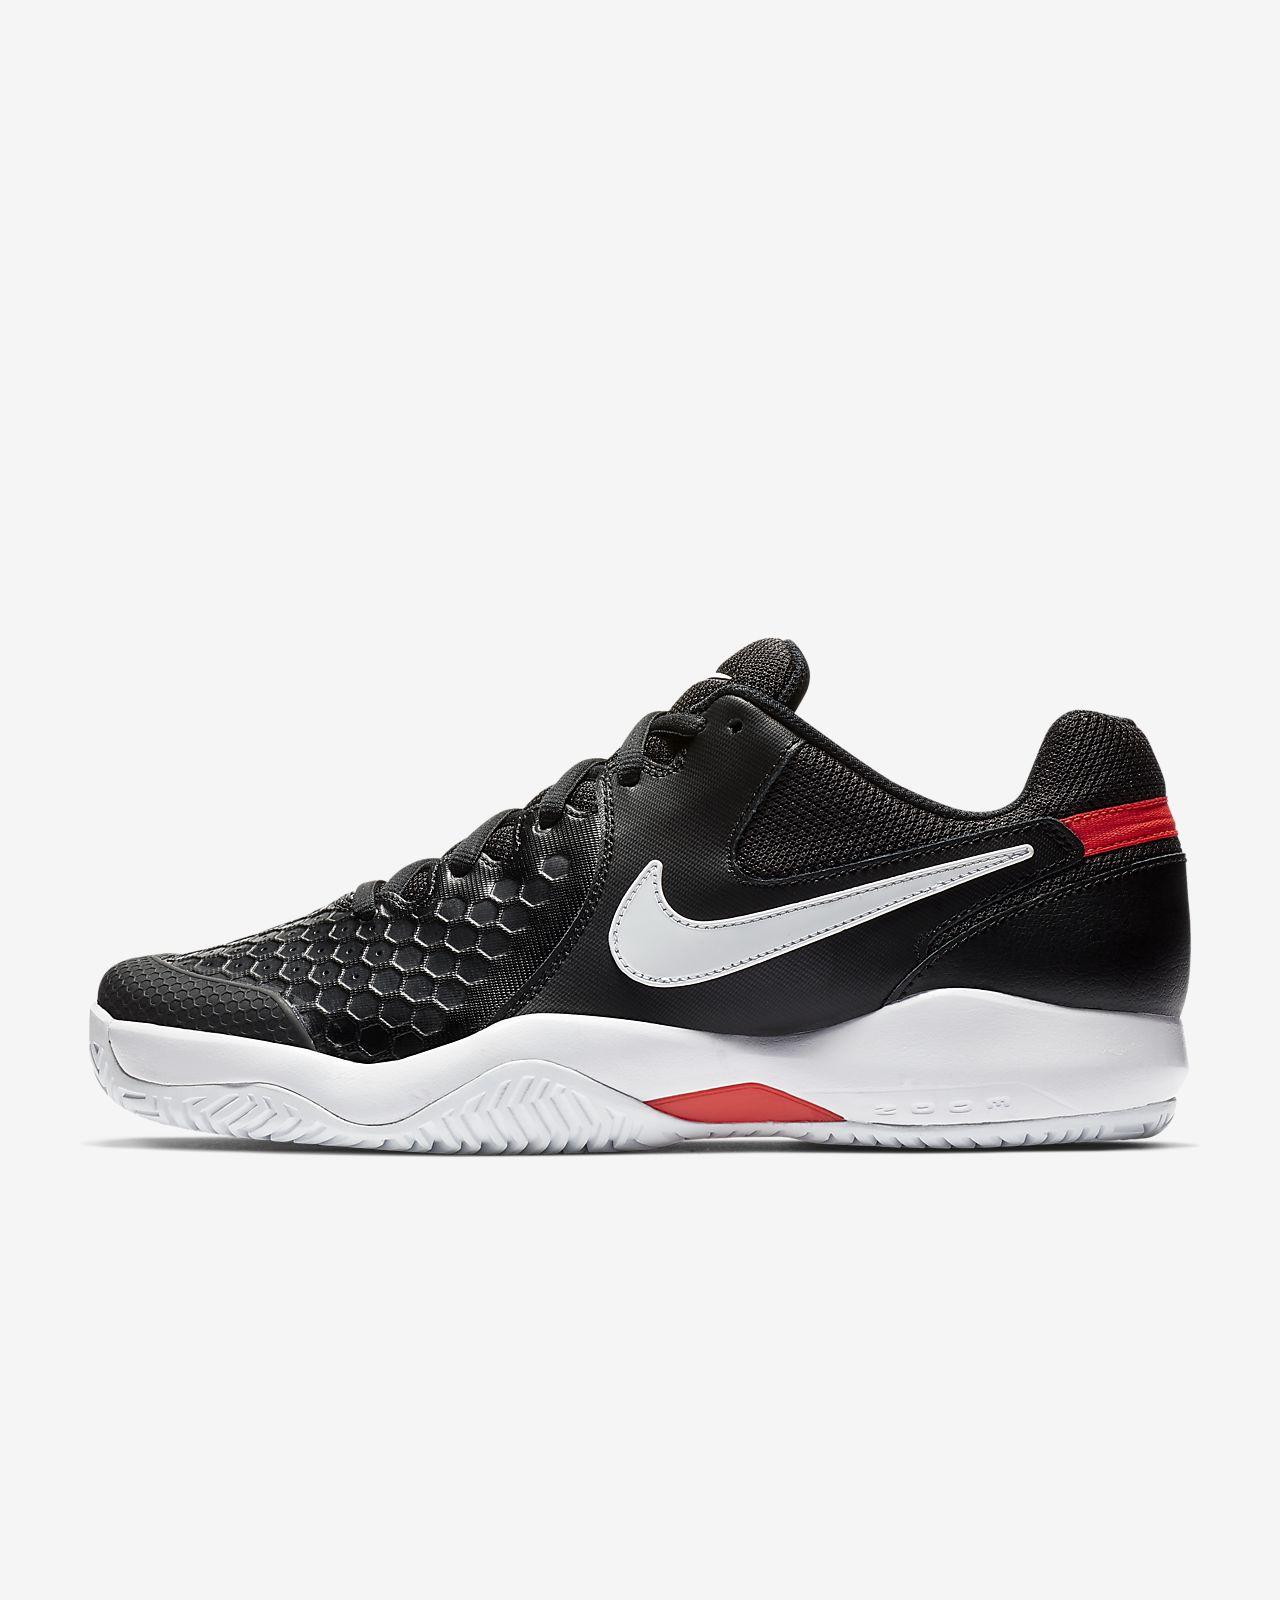 NikeCourt Air Zoom Resistance Sert Kort Erkek Tenis Ayakkabısı